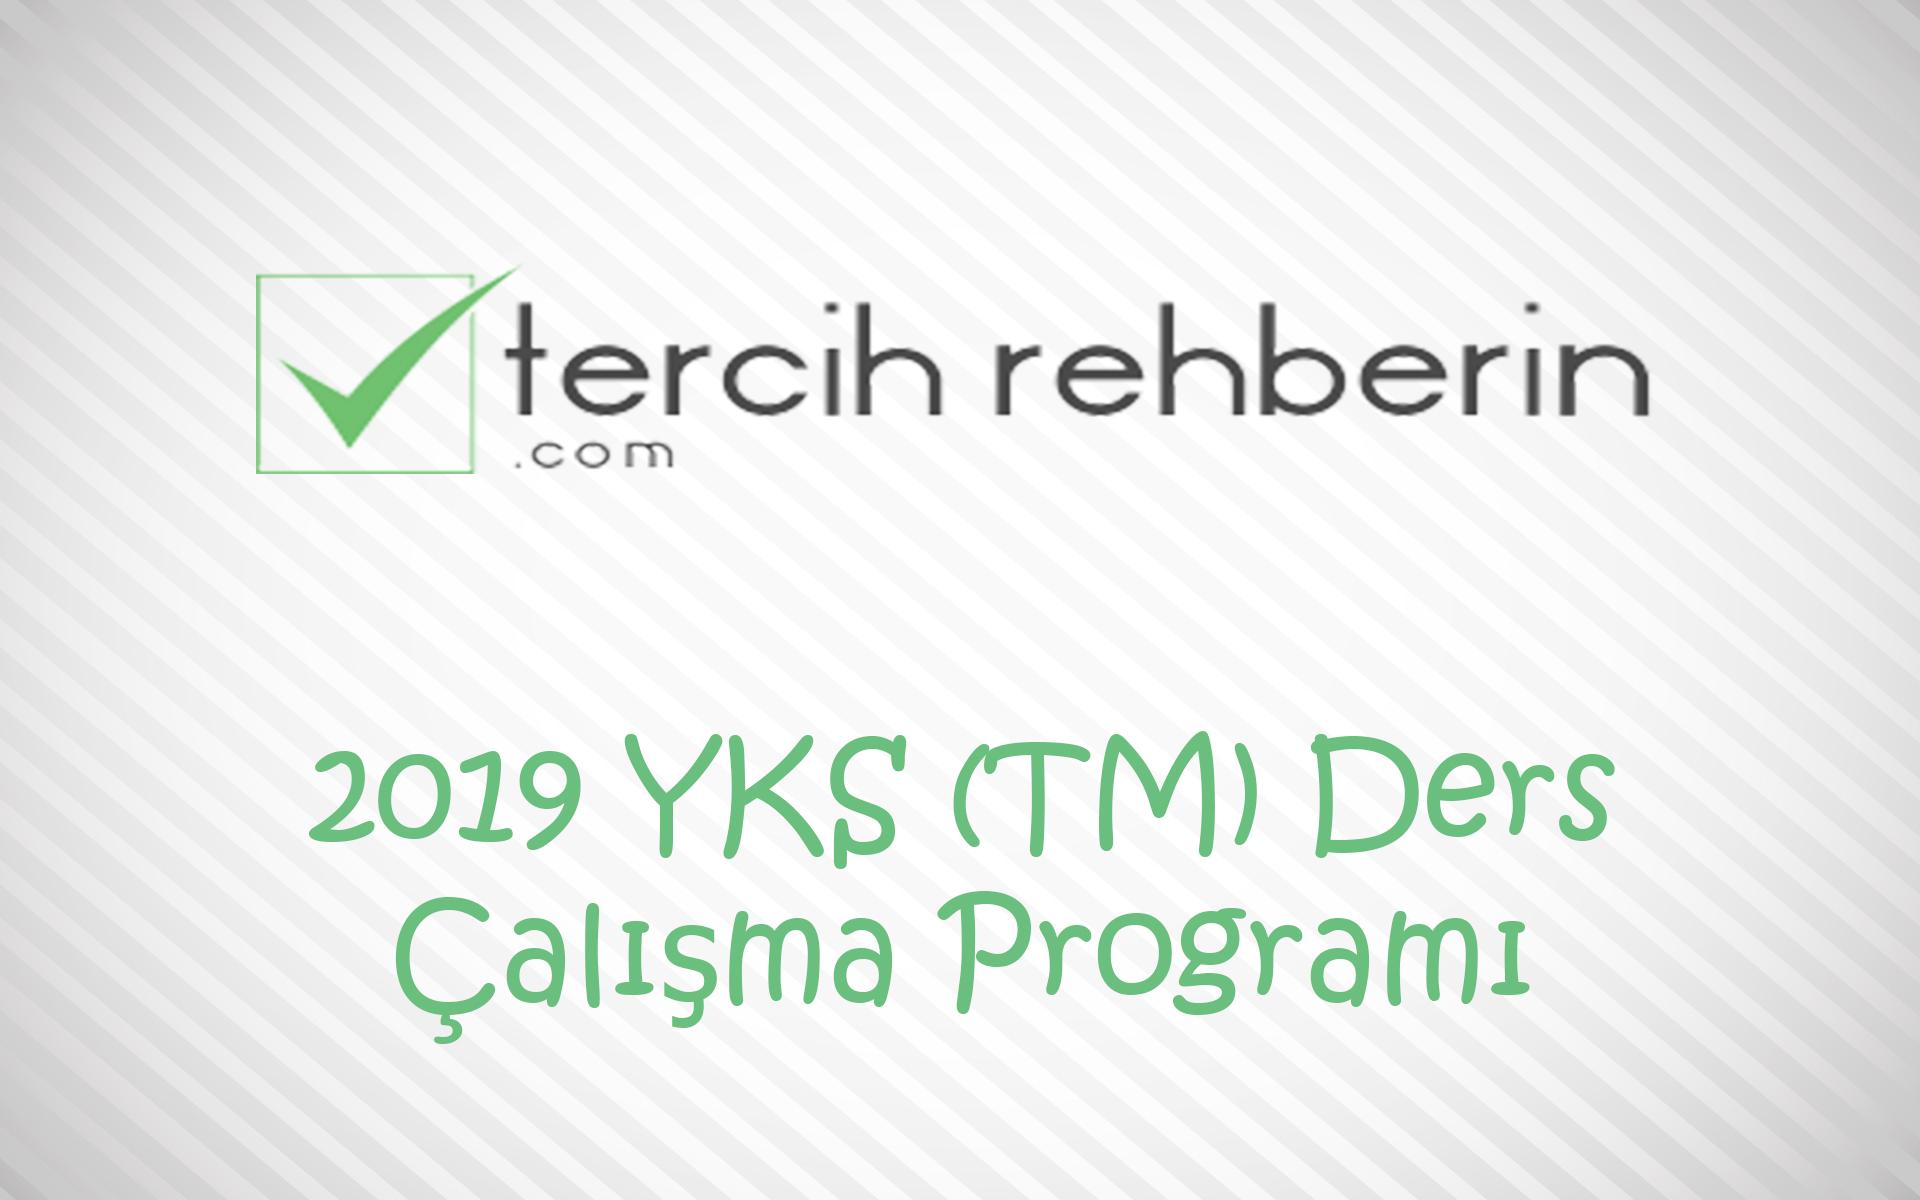 2019 YKS Eşit Ağırlık (TM) Ders Çalışma Programı